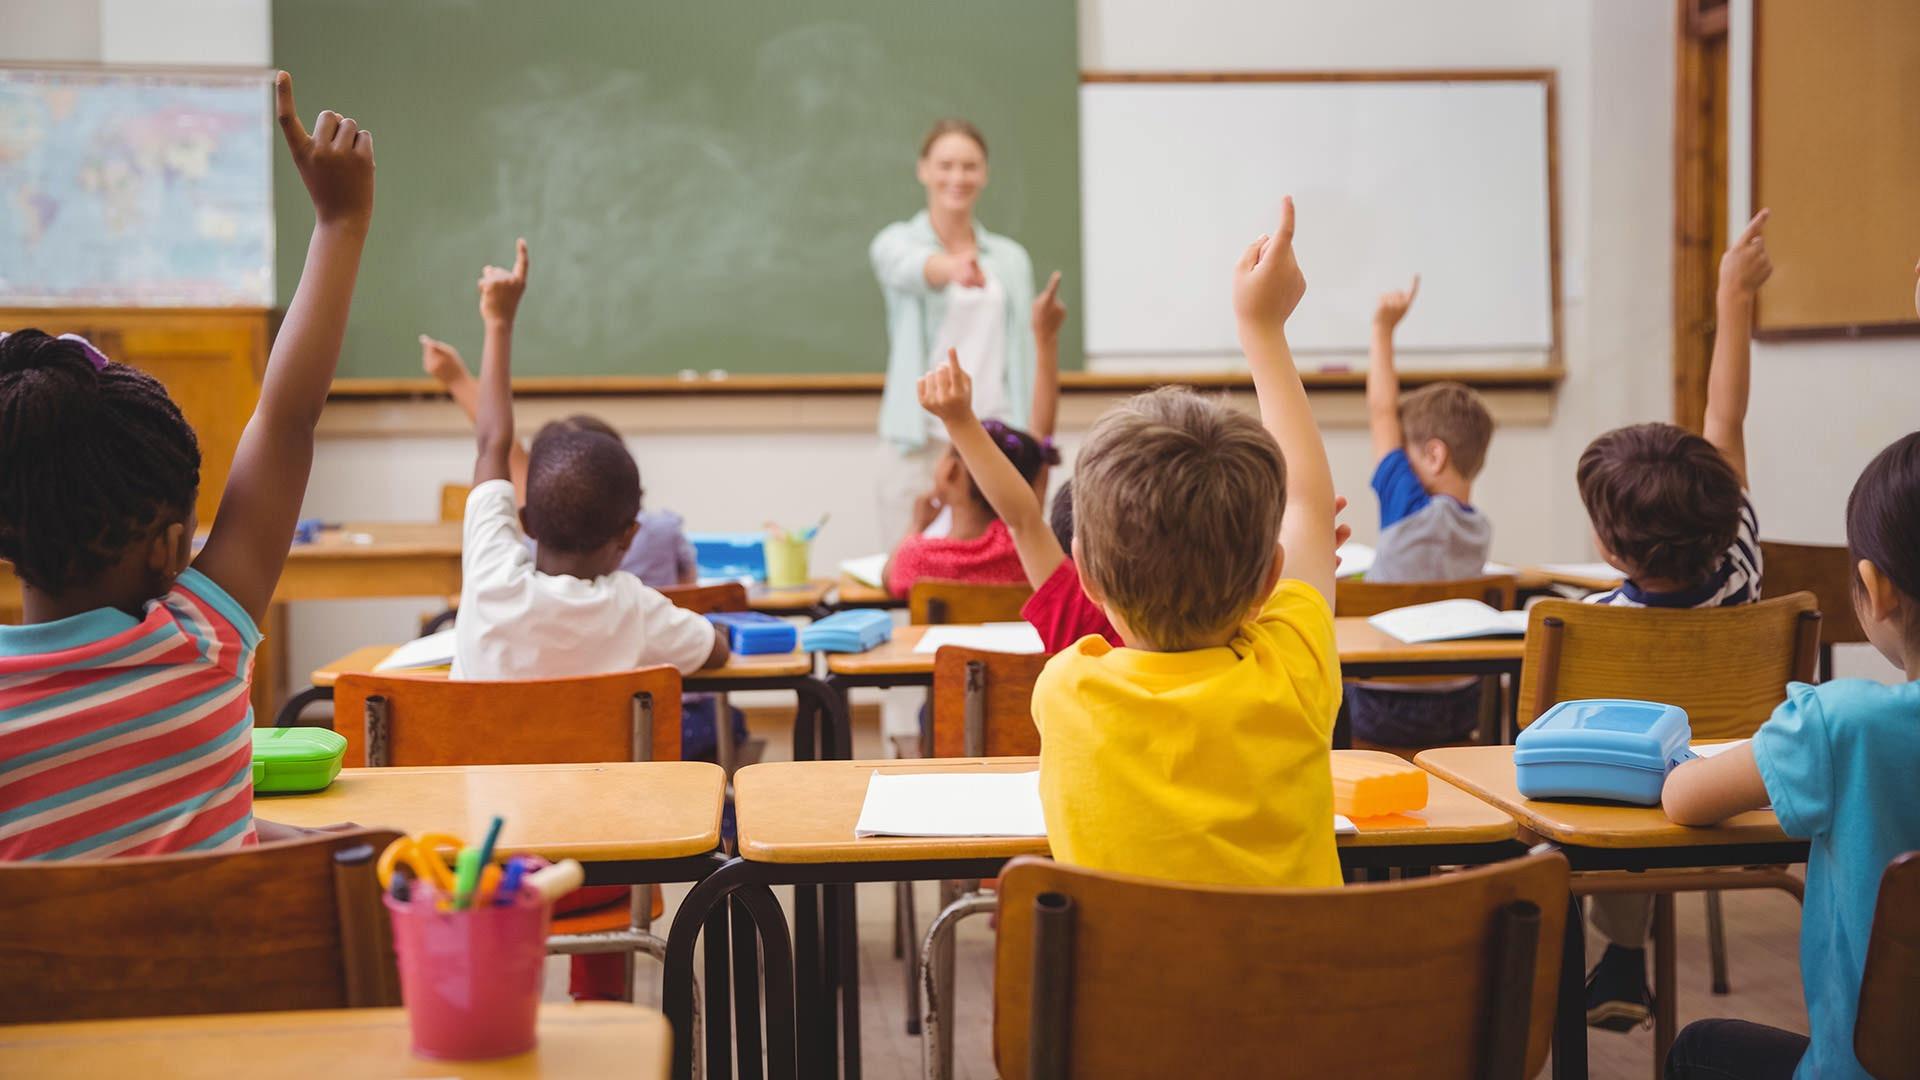 Crevits wil zorg op maat voor hoogbegaafde leerlingen